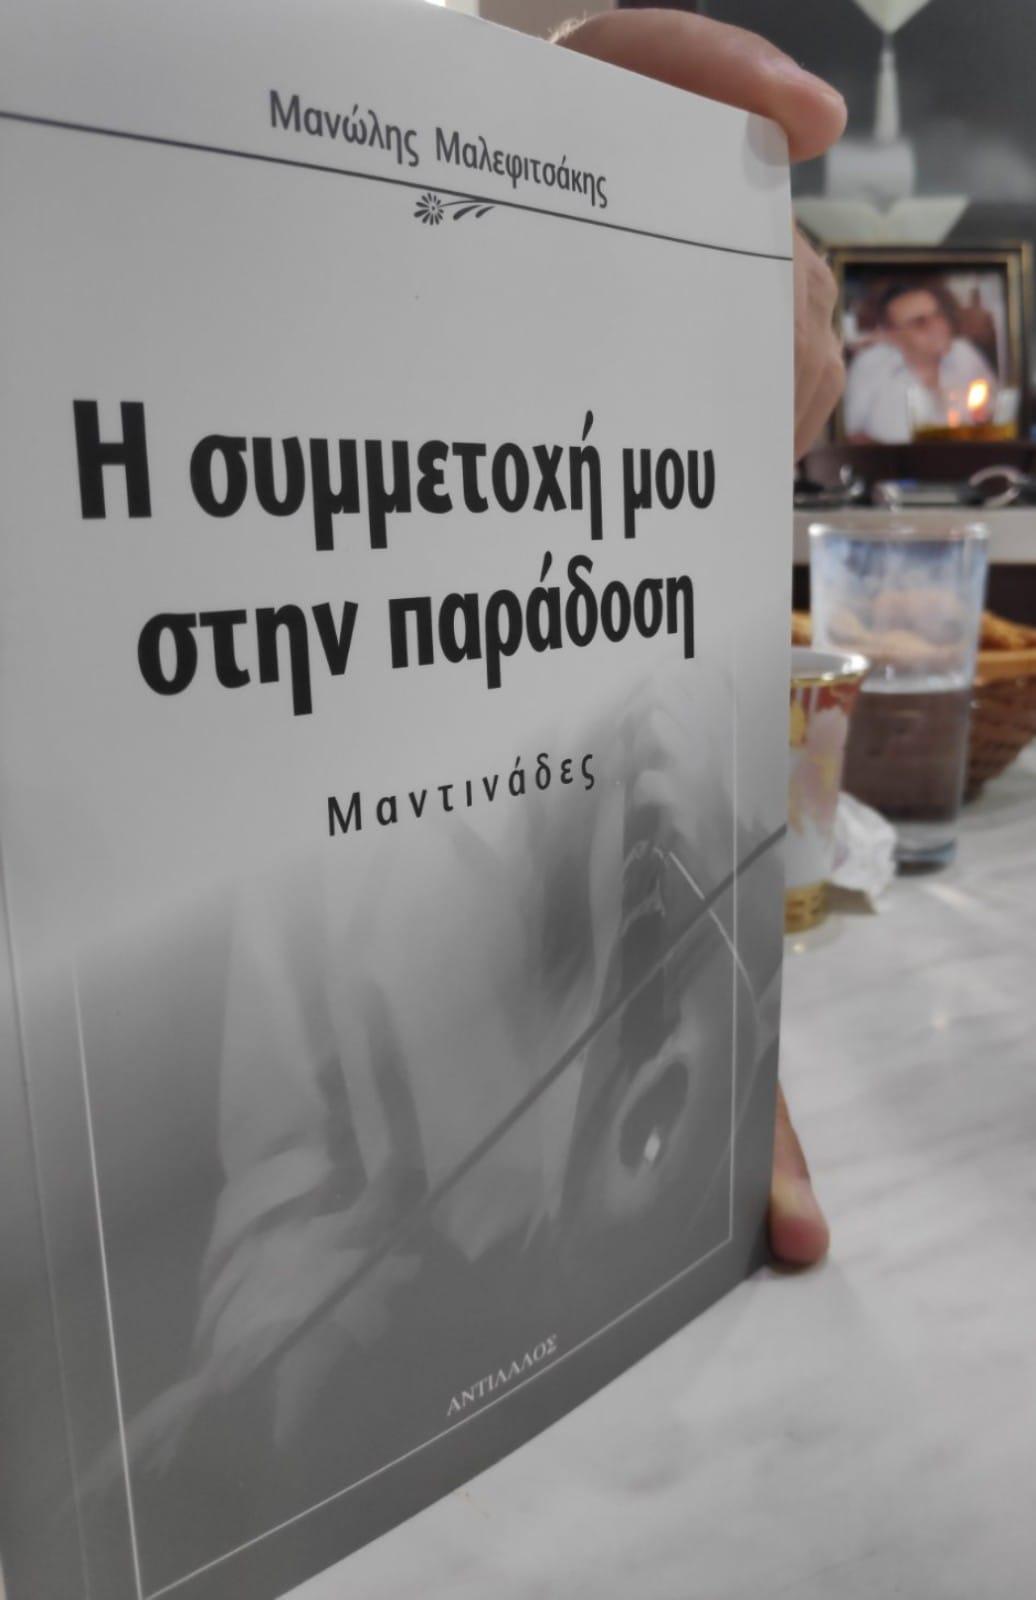 Έφυγε από τη ζωή ο Μανώλης Μαλεφιτσάκης ένας μεγάλος αγωνιστής ένας οραματιστής πρόεδρος του Τυμπακίου